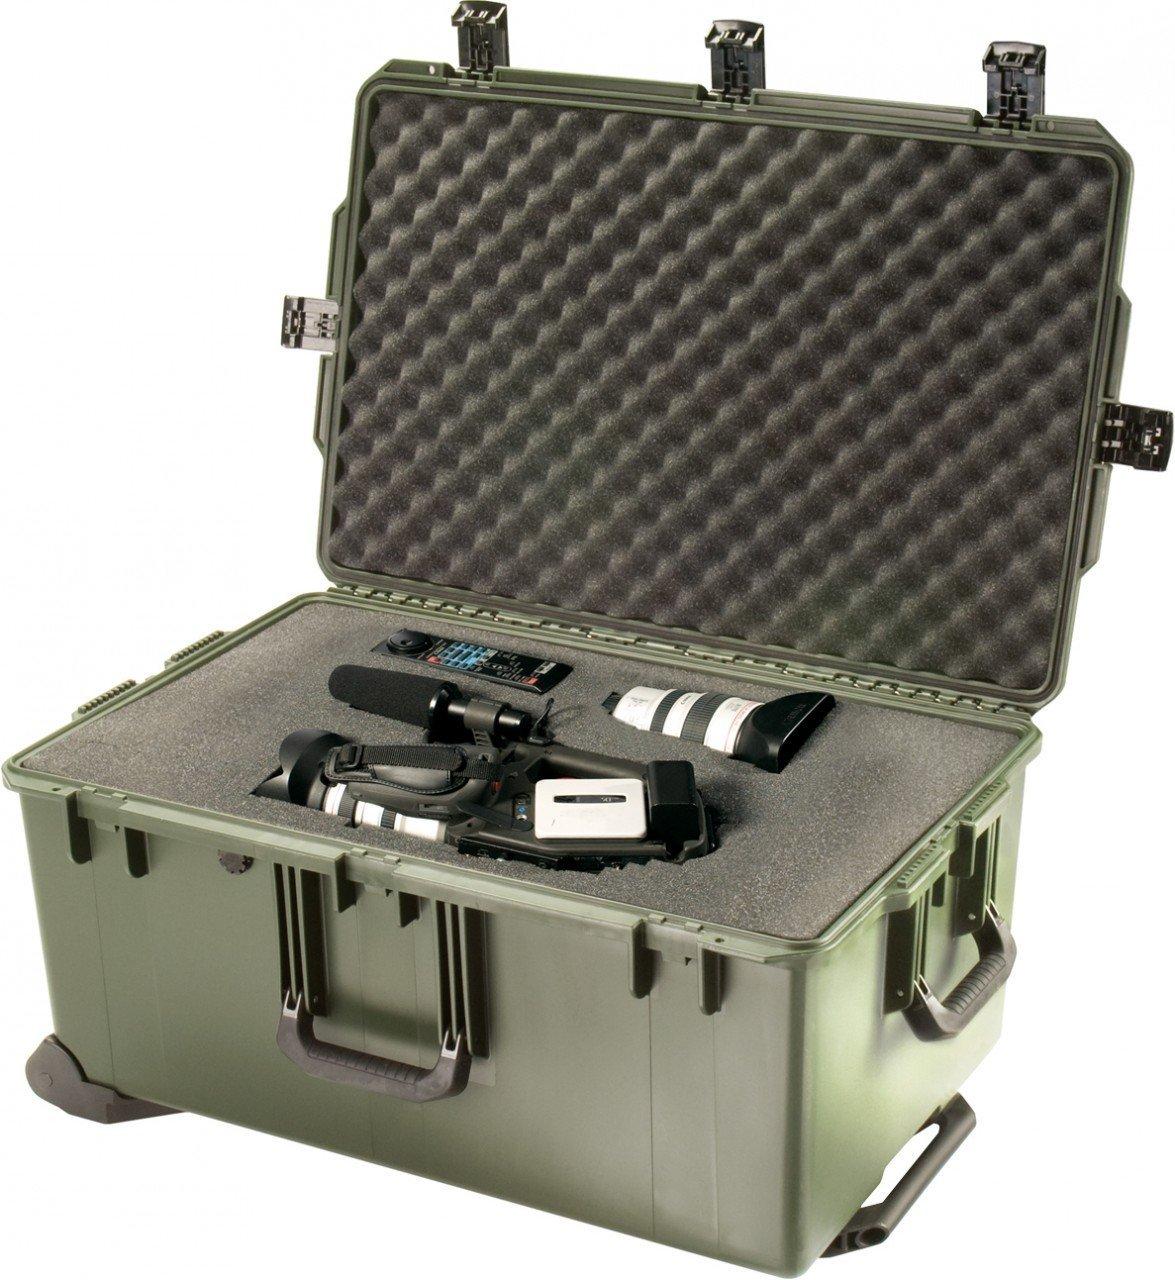 美国风暴箱IM2975安全箱摄影器材拉杆箱防护箱万用箱配可抠海绵